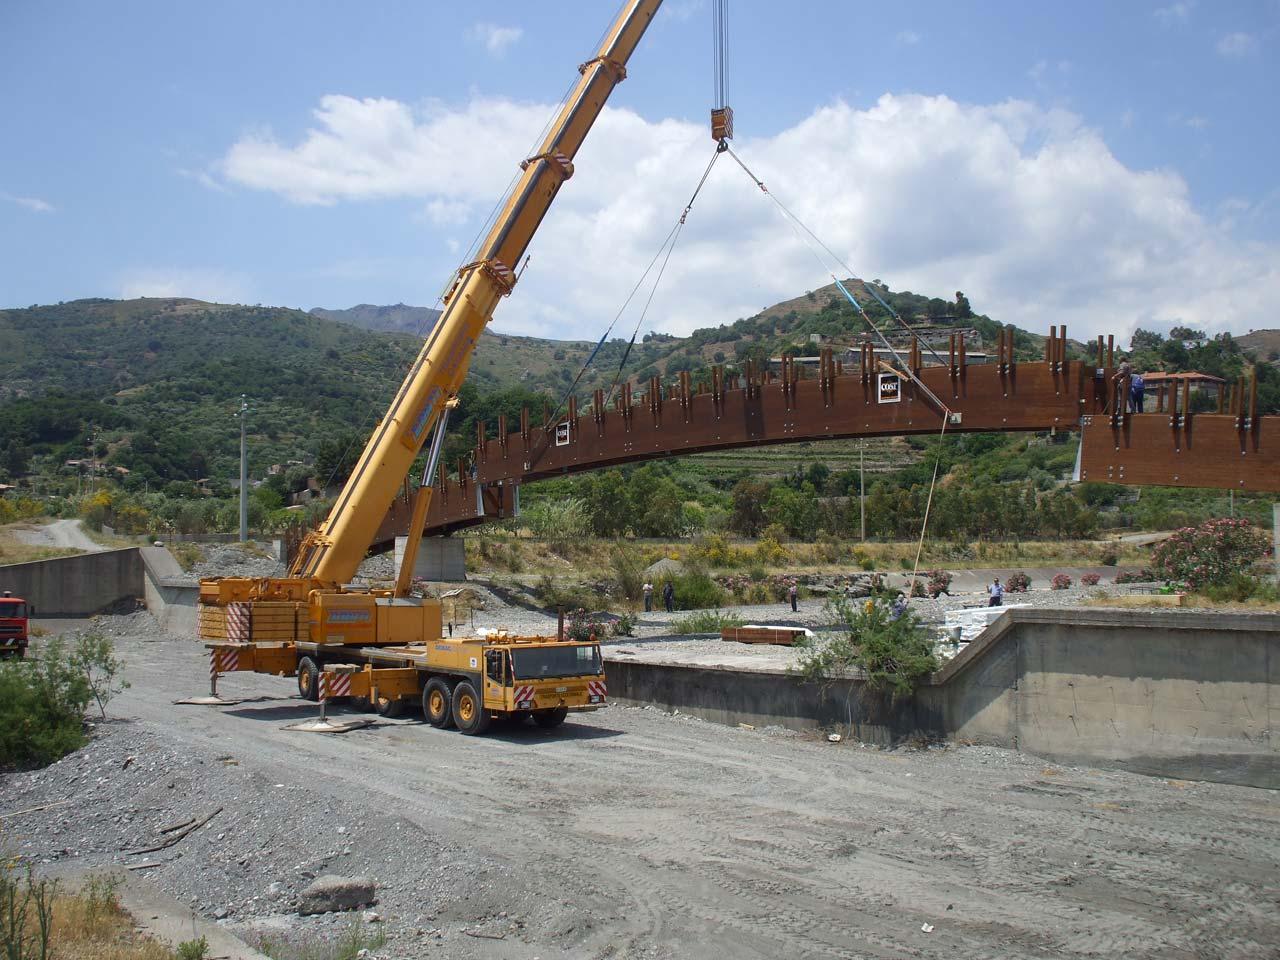 ponte in legno hms - photo #45